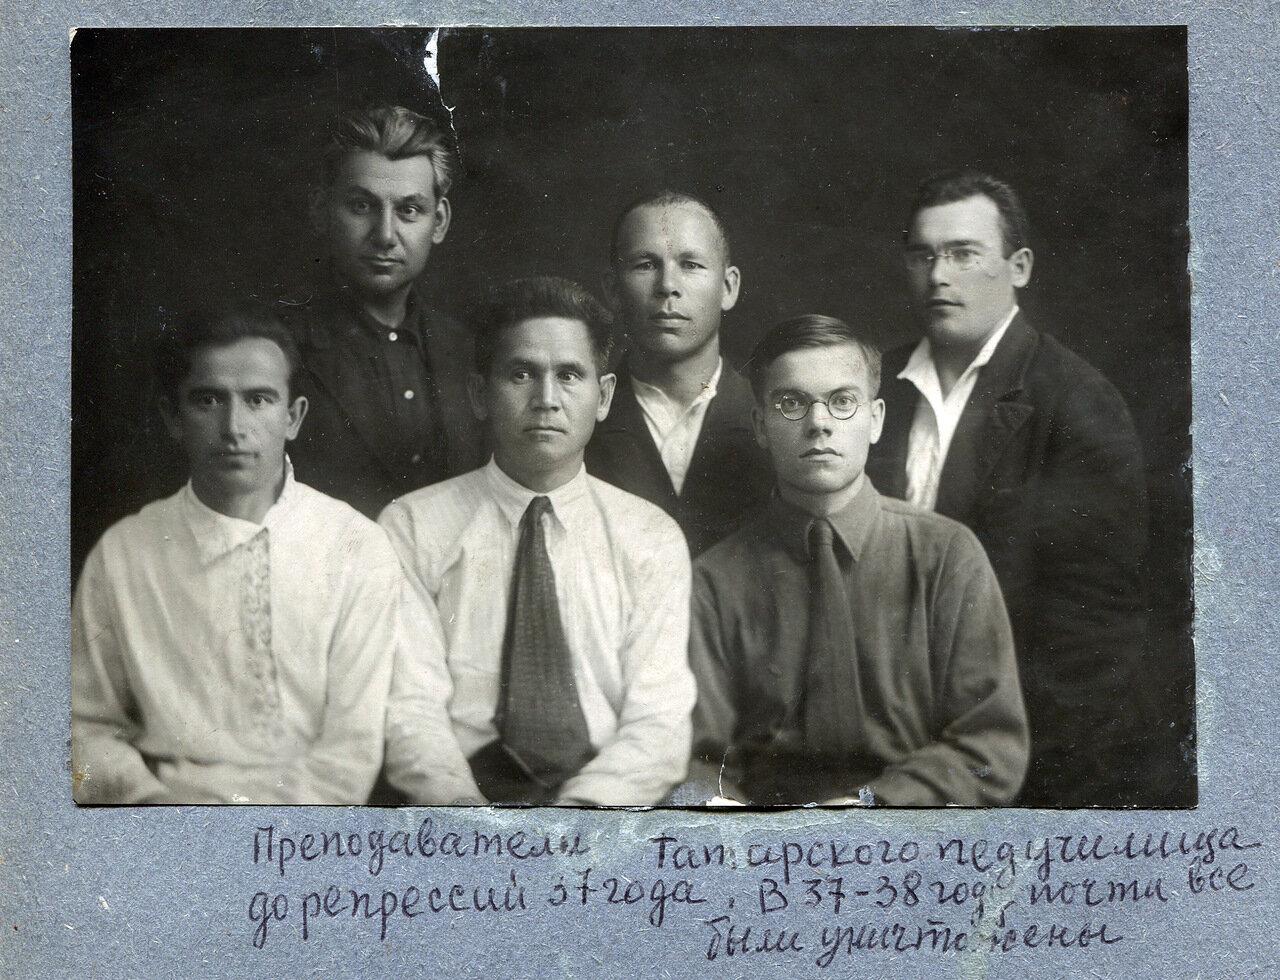 1937. Преподаватели Татарского педучилища